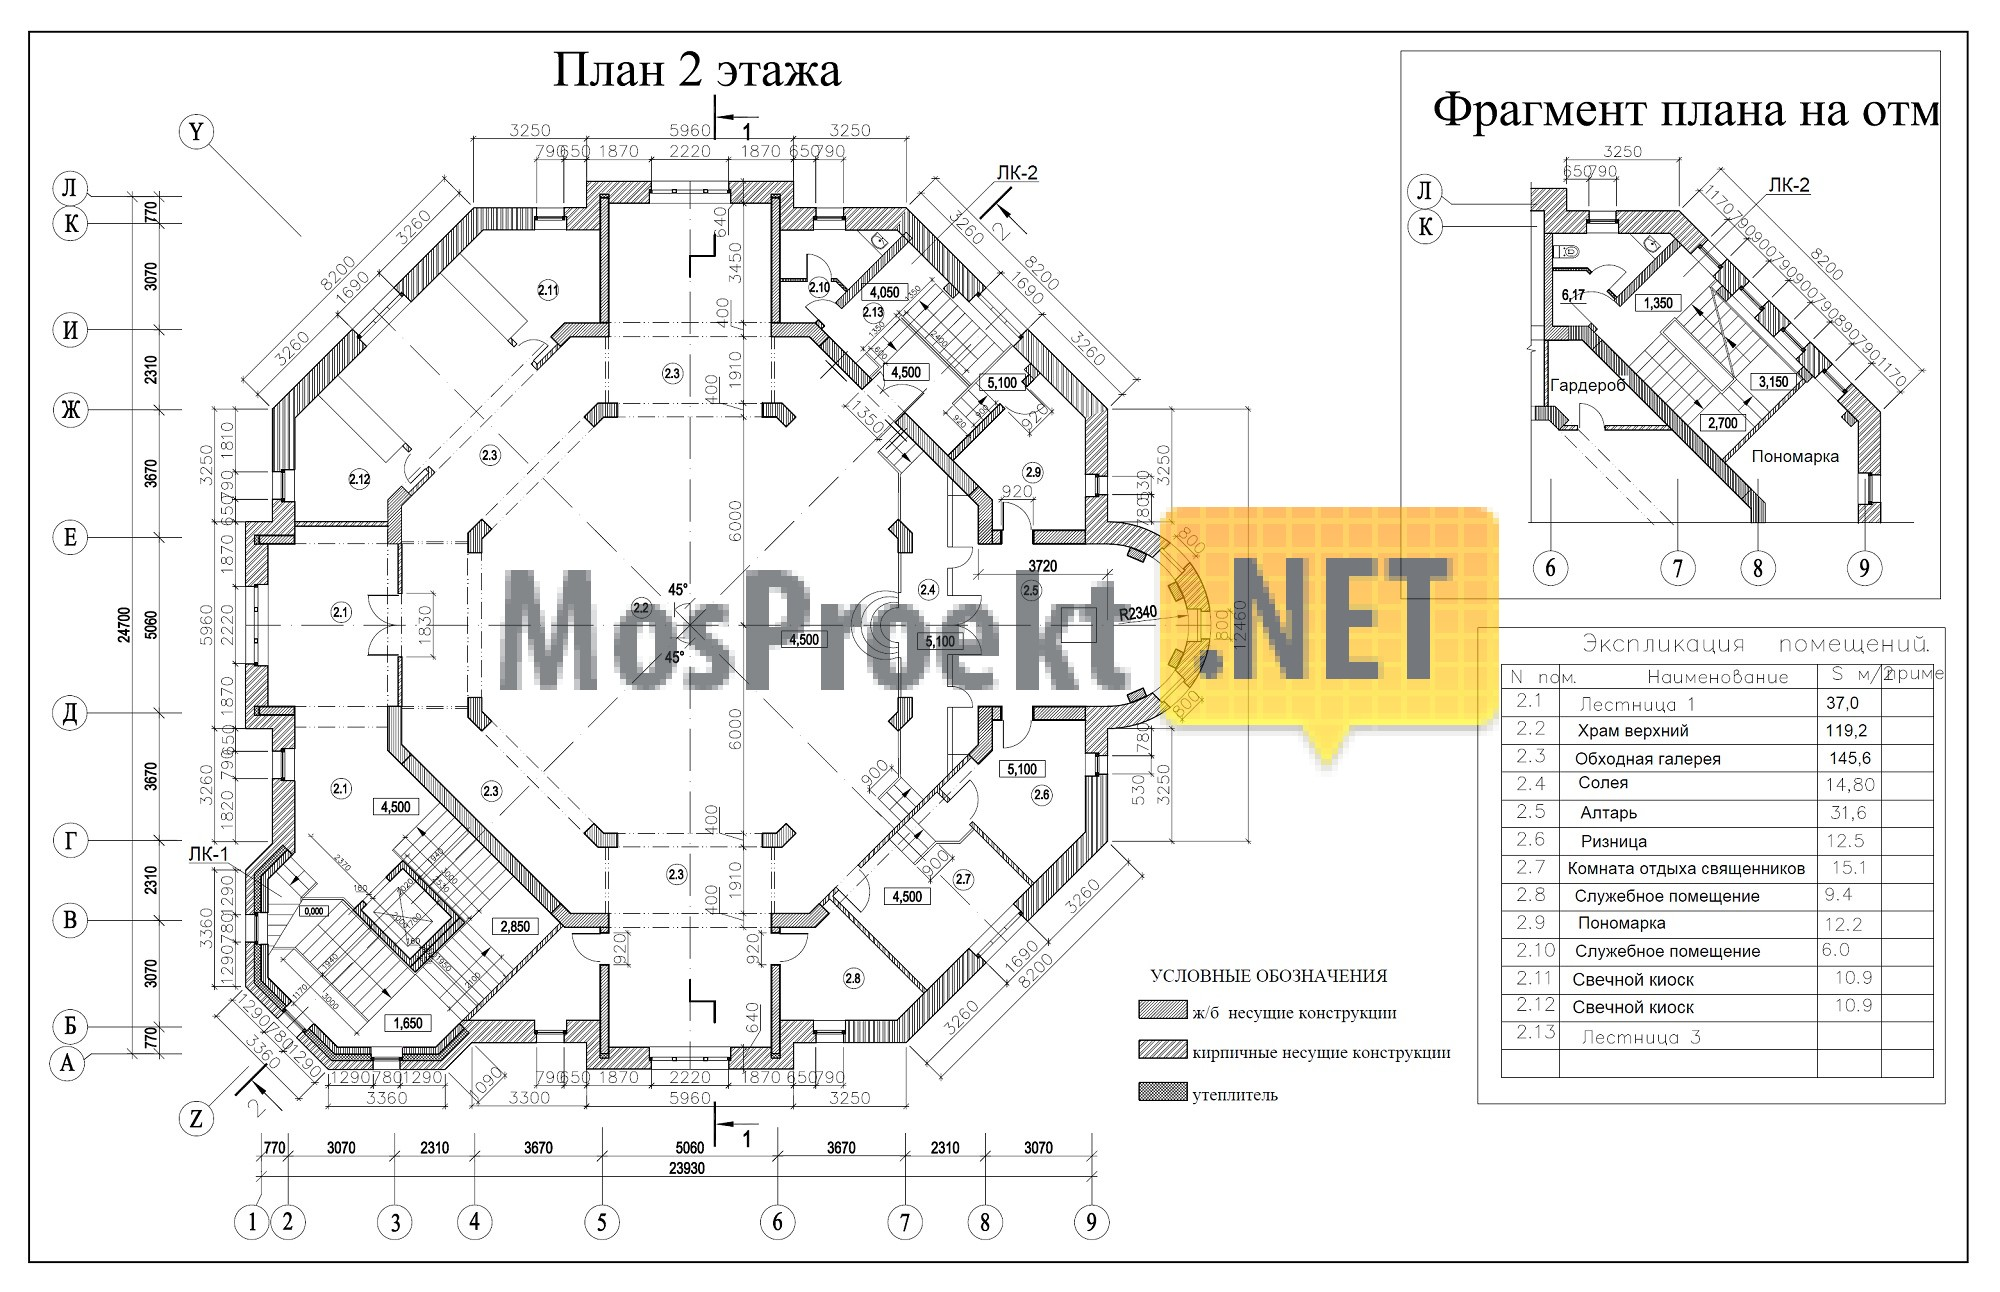 схема теплового узла здания 2 этажа